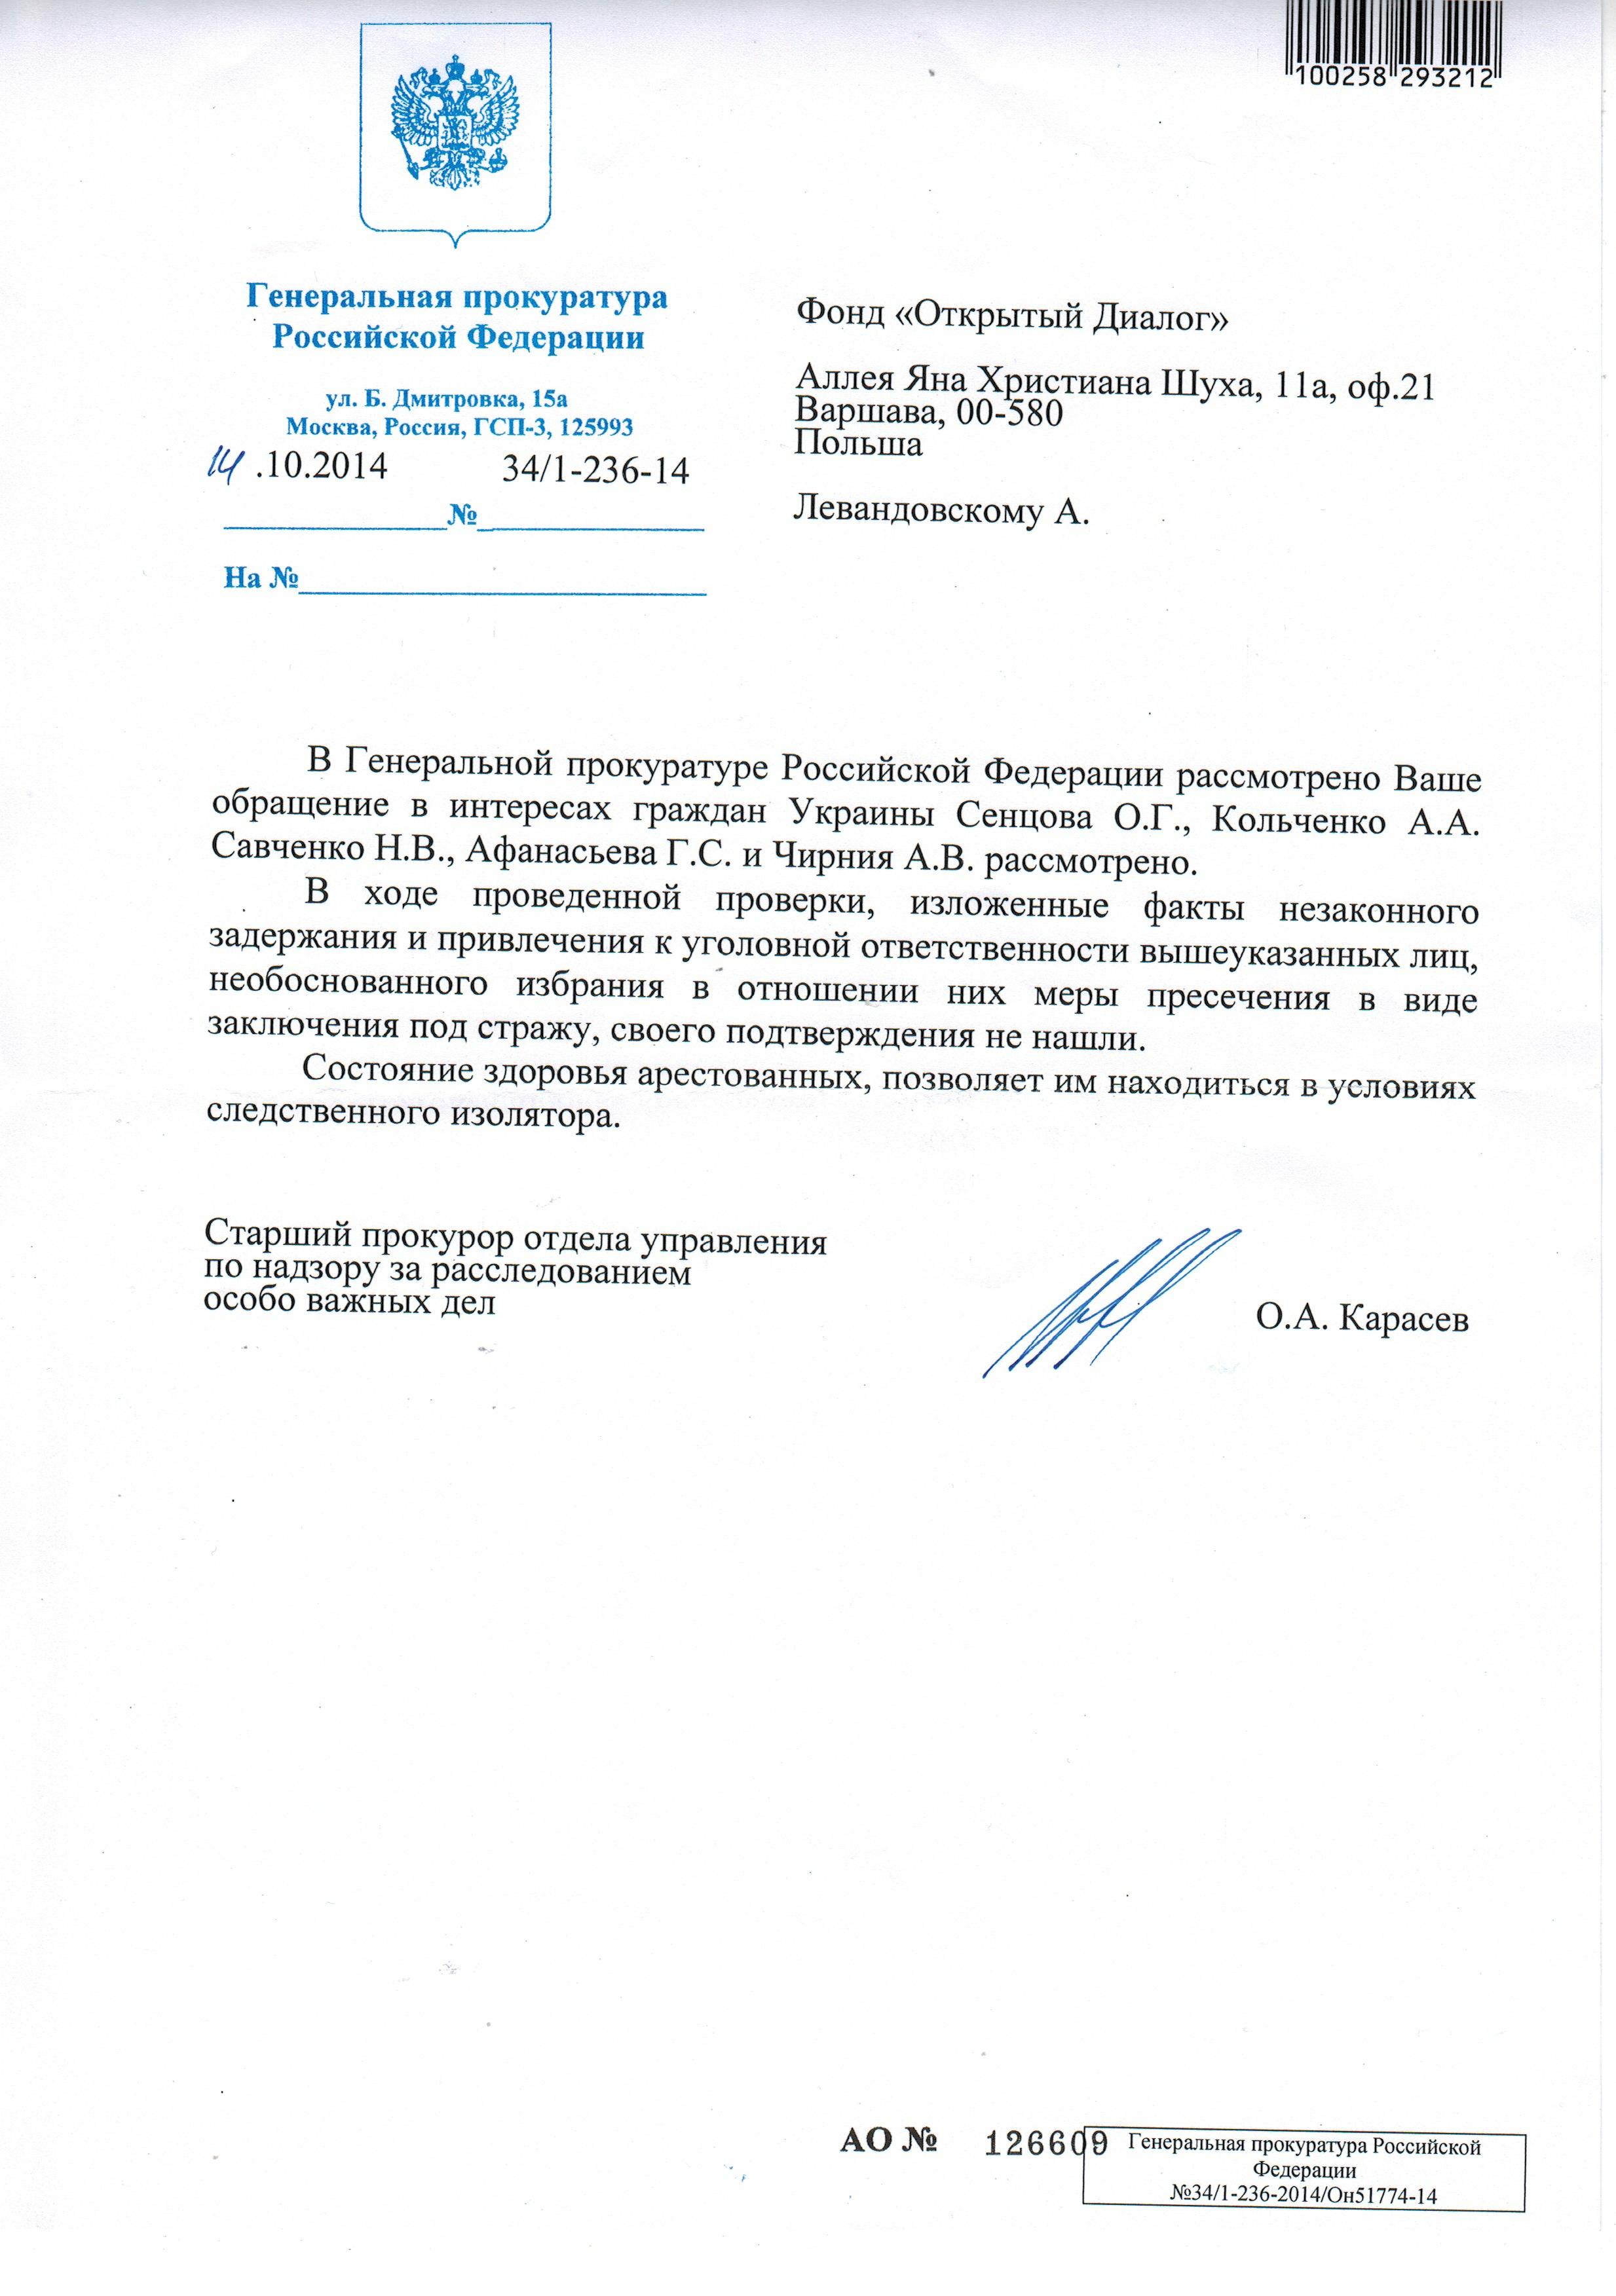 Odpowiedź władz rosyjskich skierowana do ODF